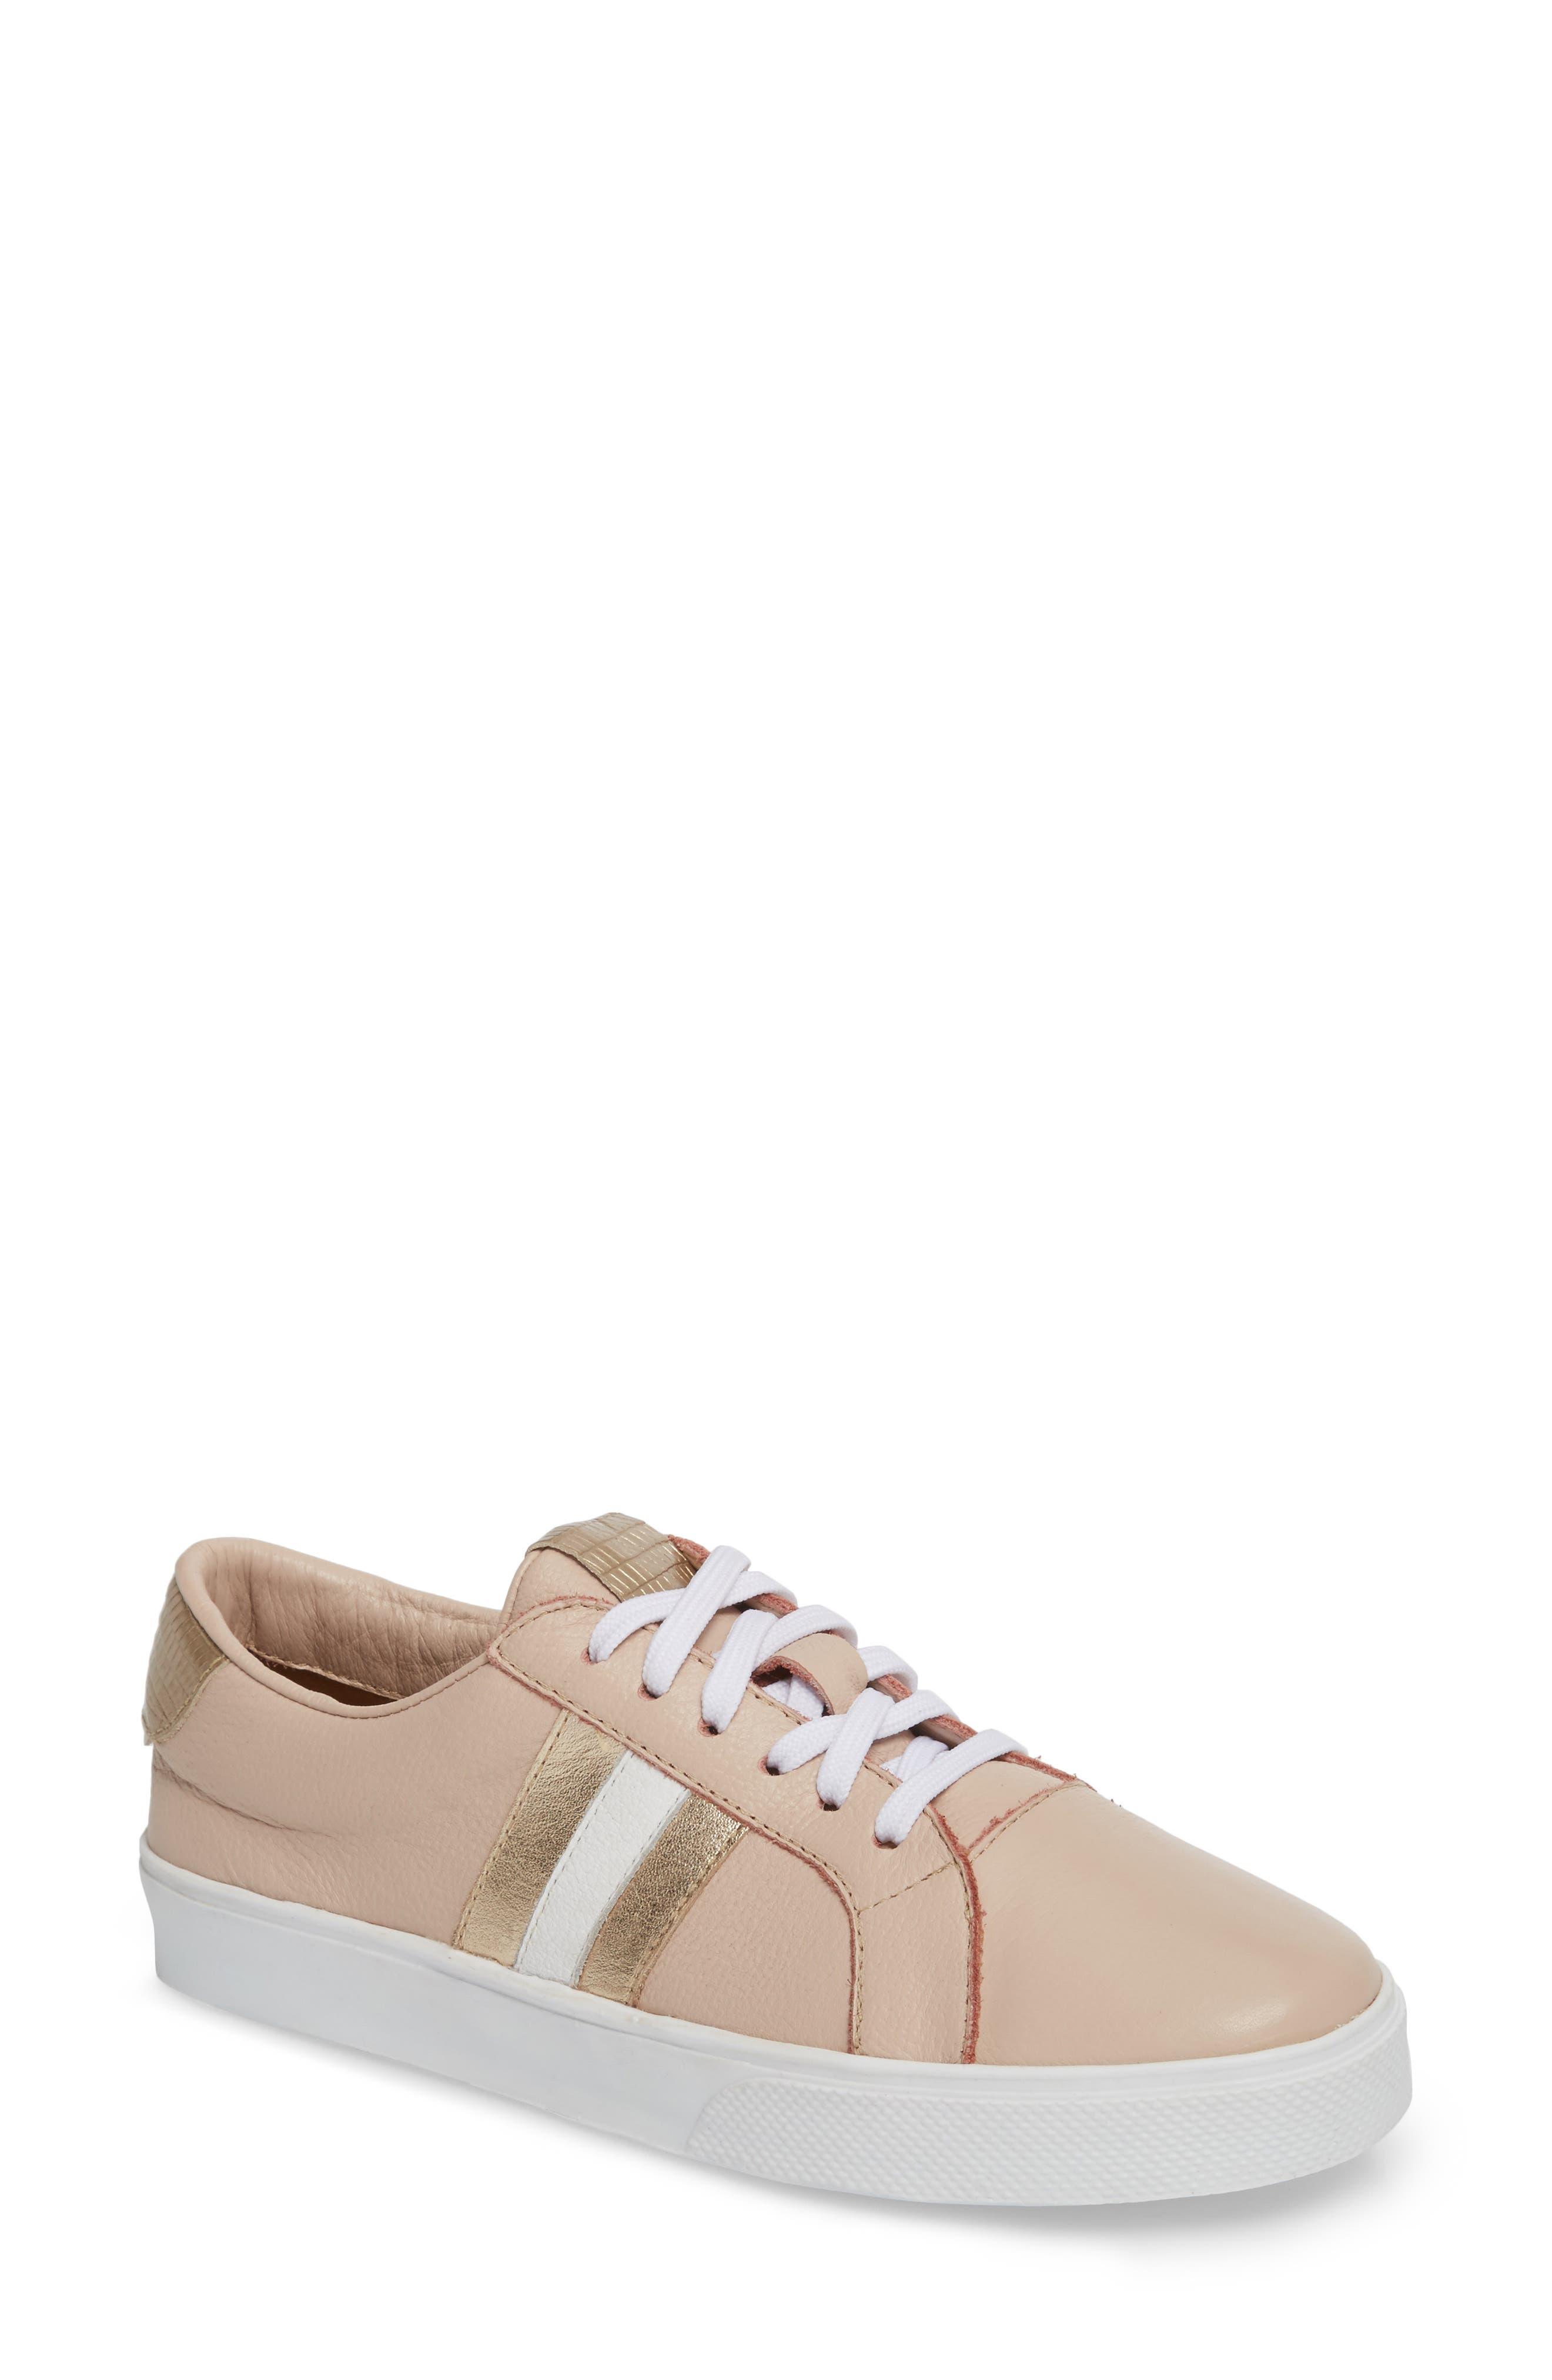 Tatacoa Low Top Sneaker,                         Main,                         color, Blush